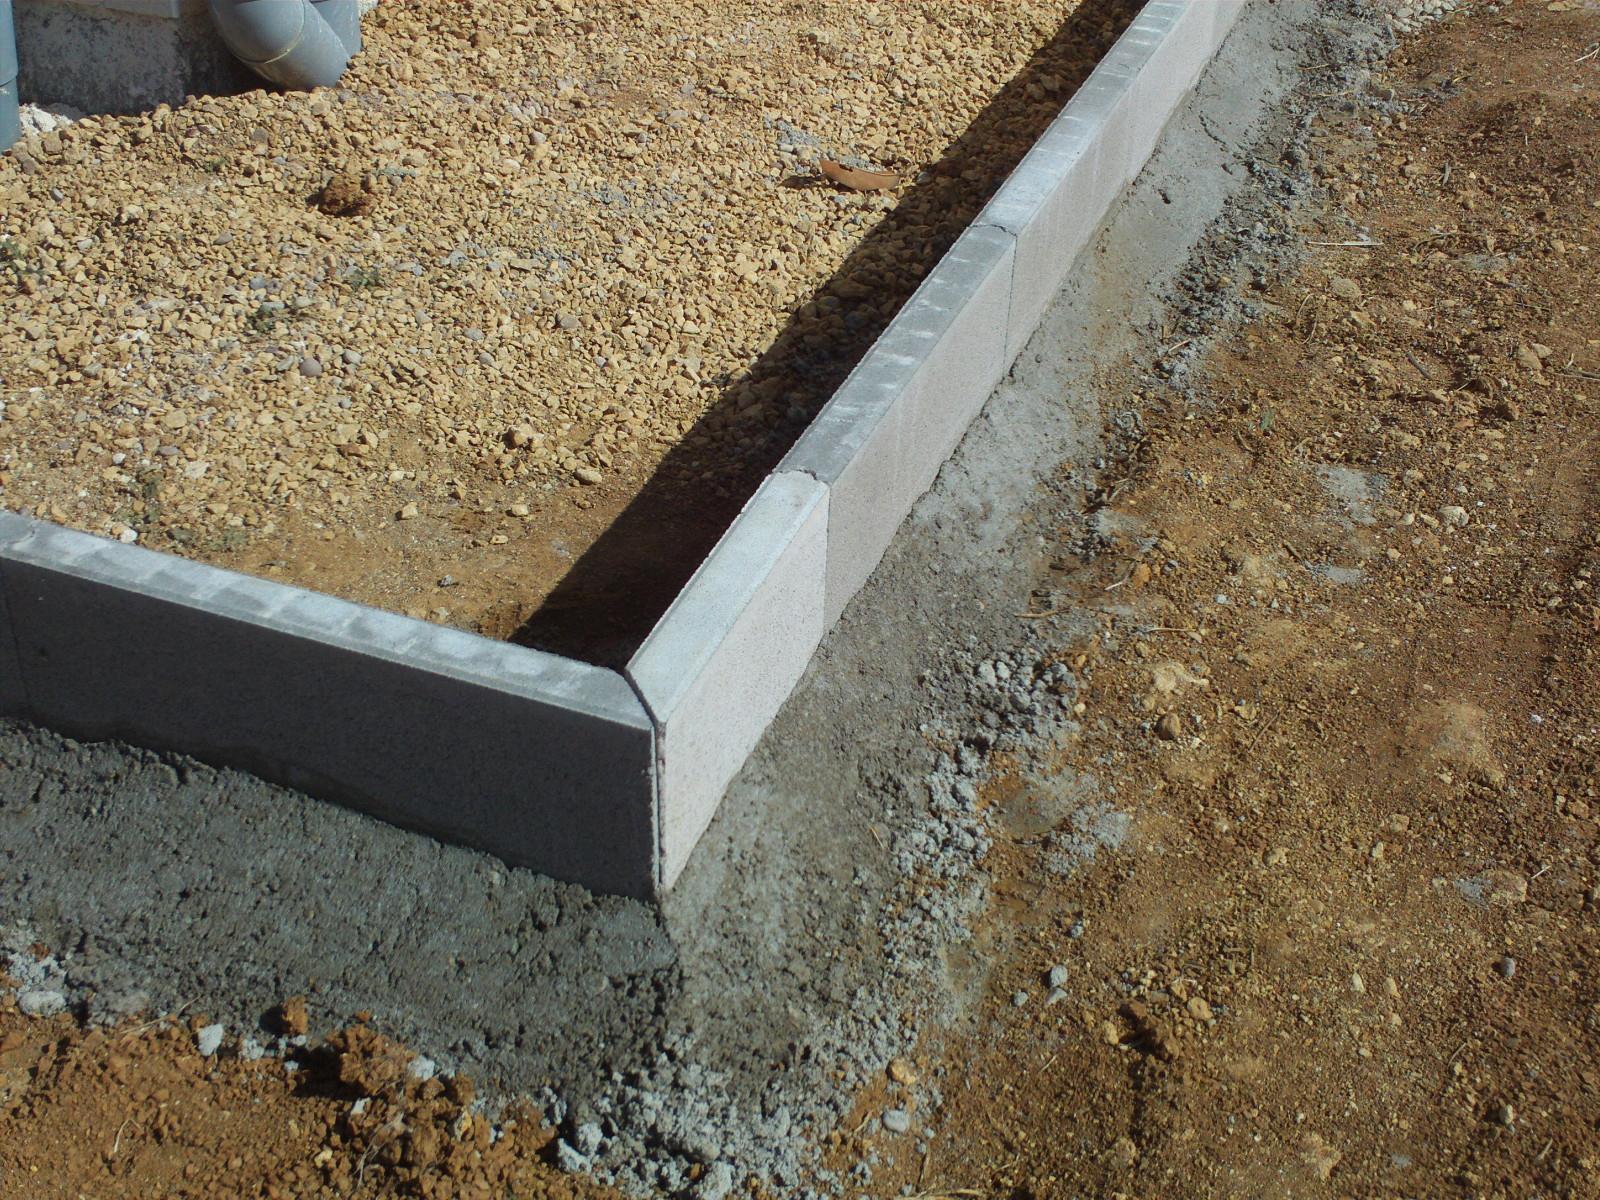 Comment Couper Des Angles Bordure En Beton - 12 Messages avec Bordure De Jardin Beton